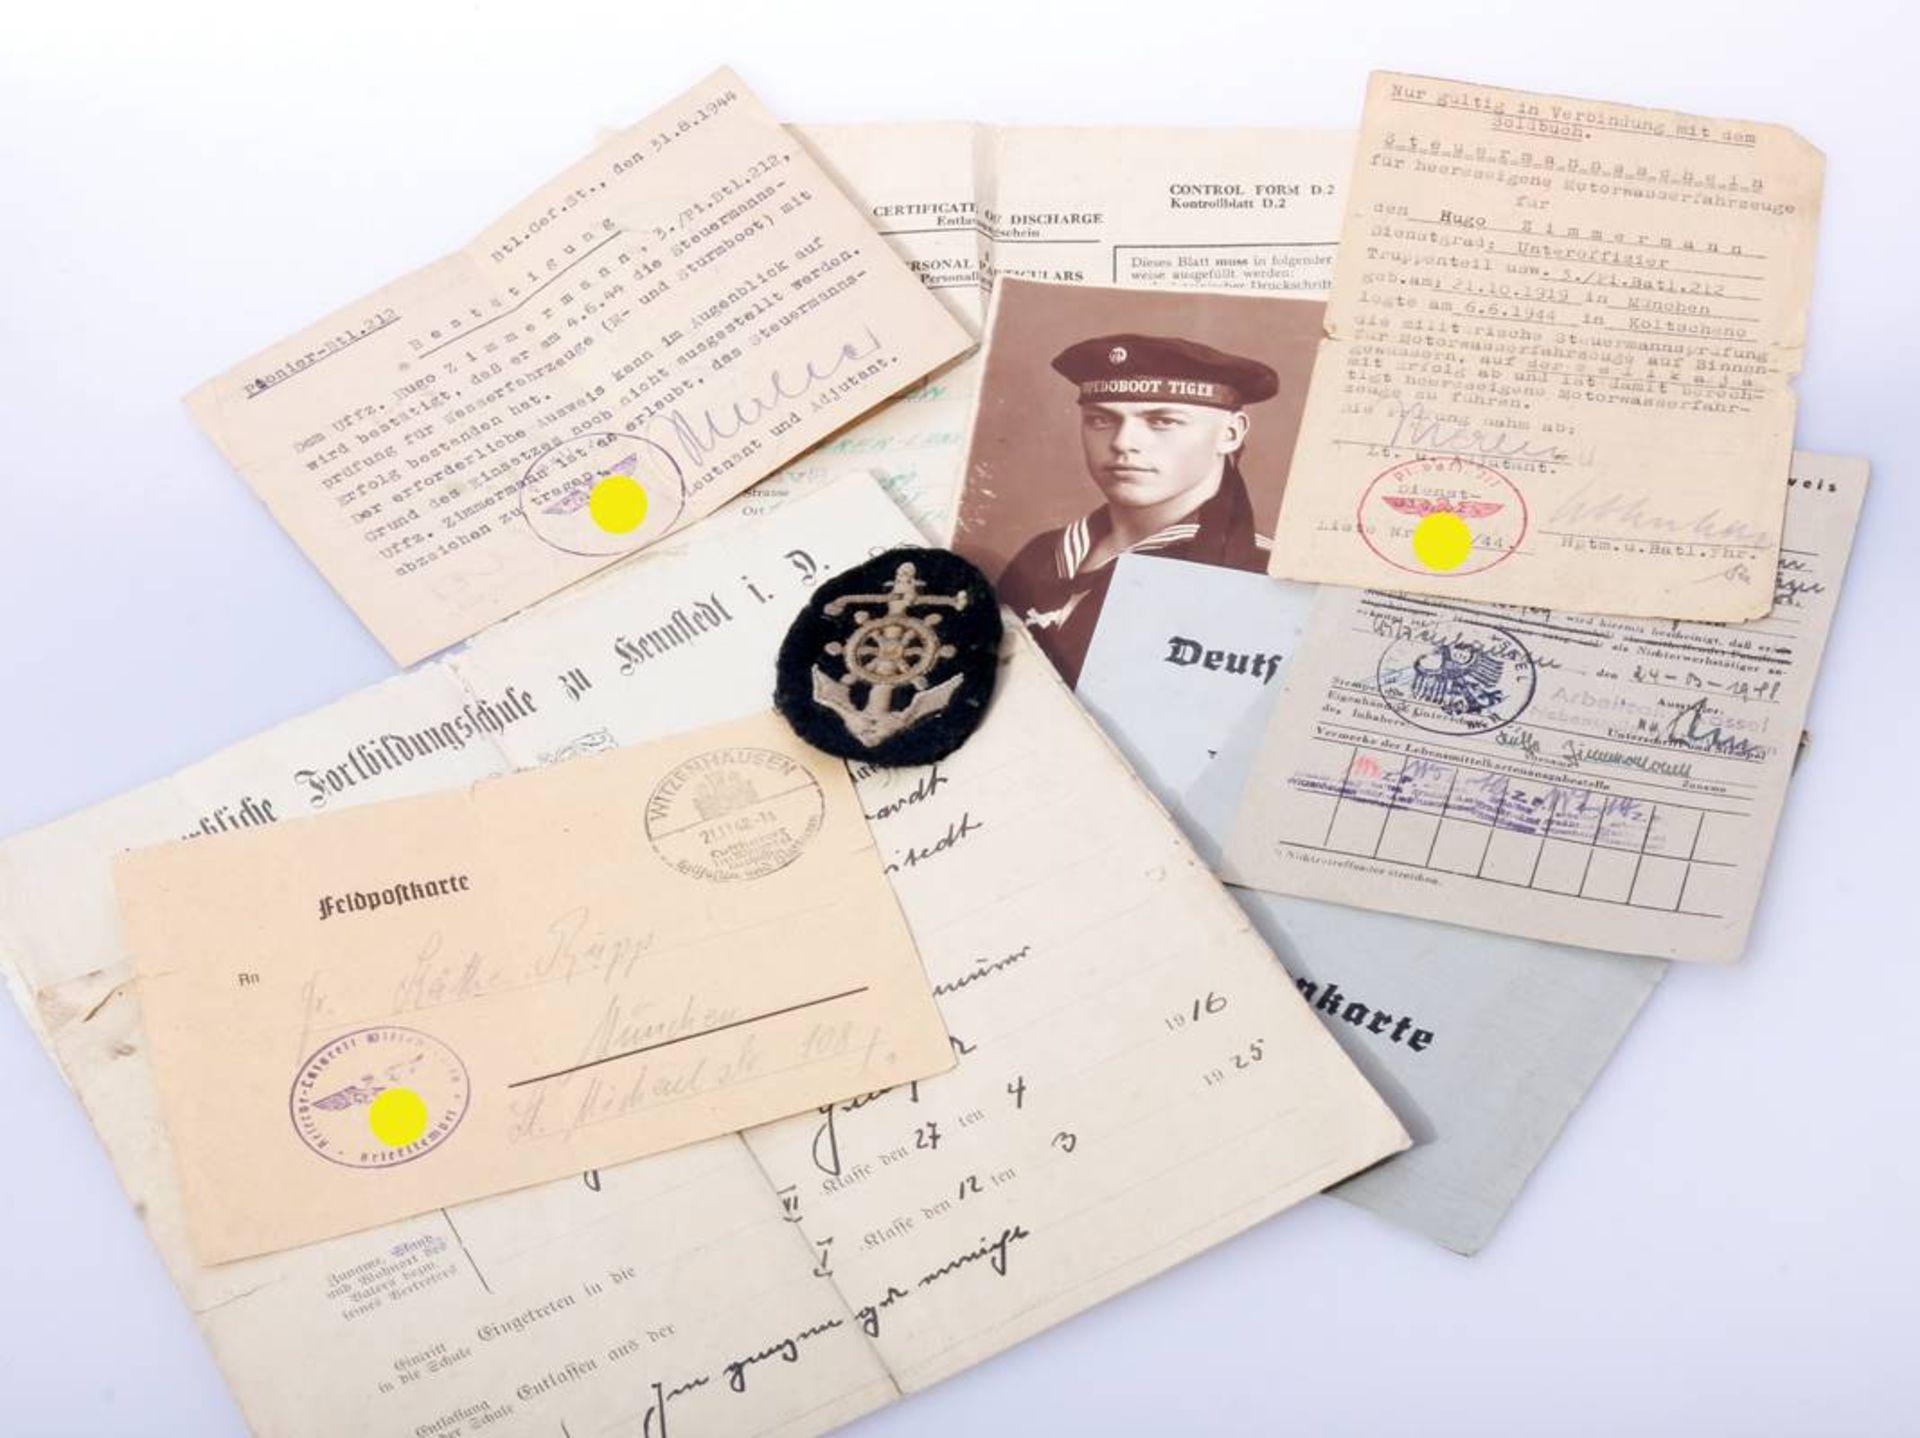 Nachlass eines Pionier Steuermanns für Sturmboote WehrmachtPapiere , Fotos und